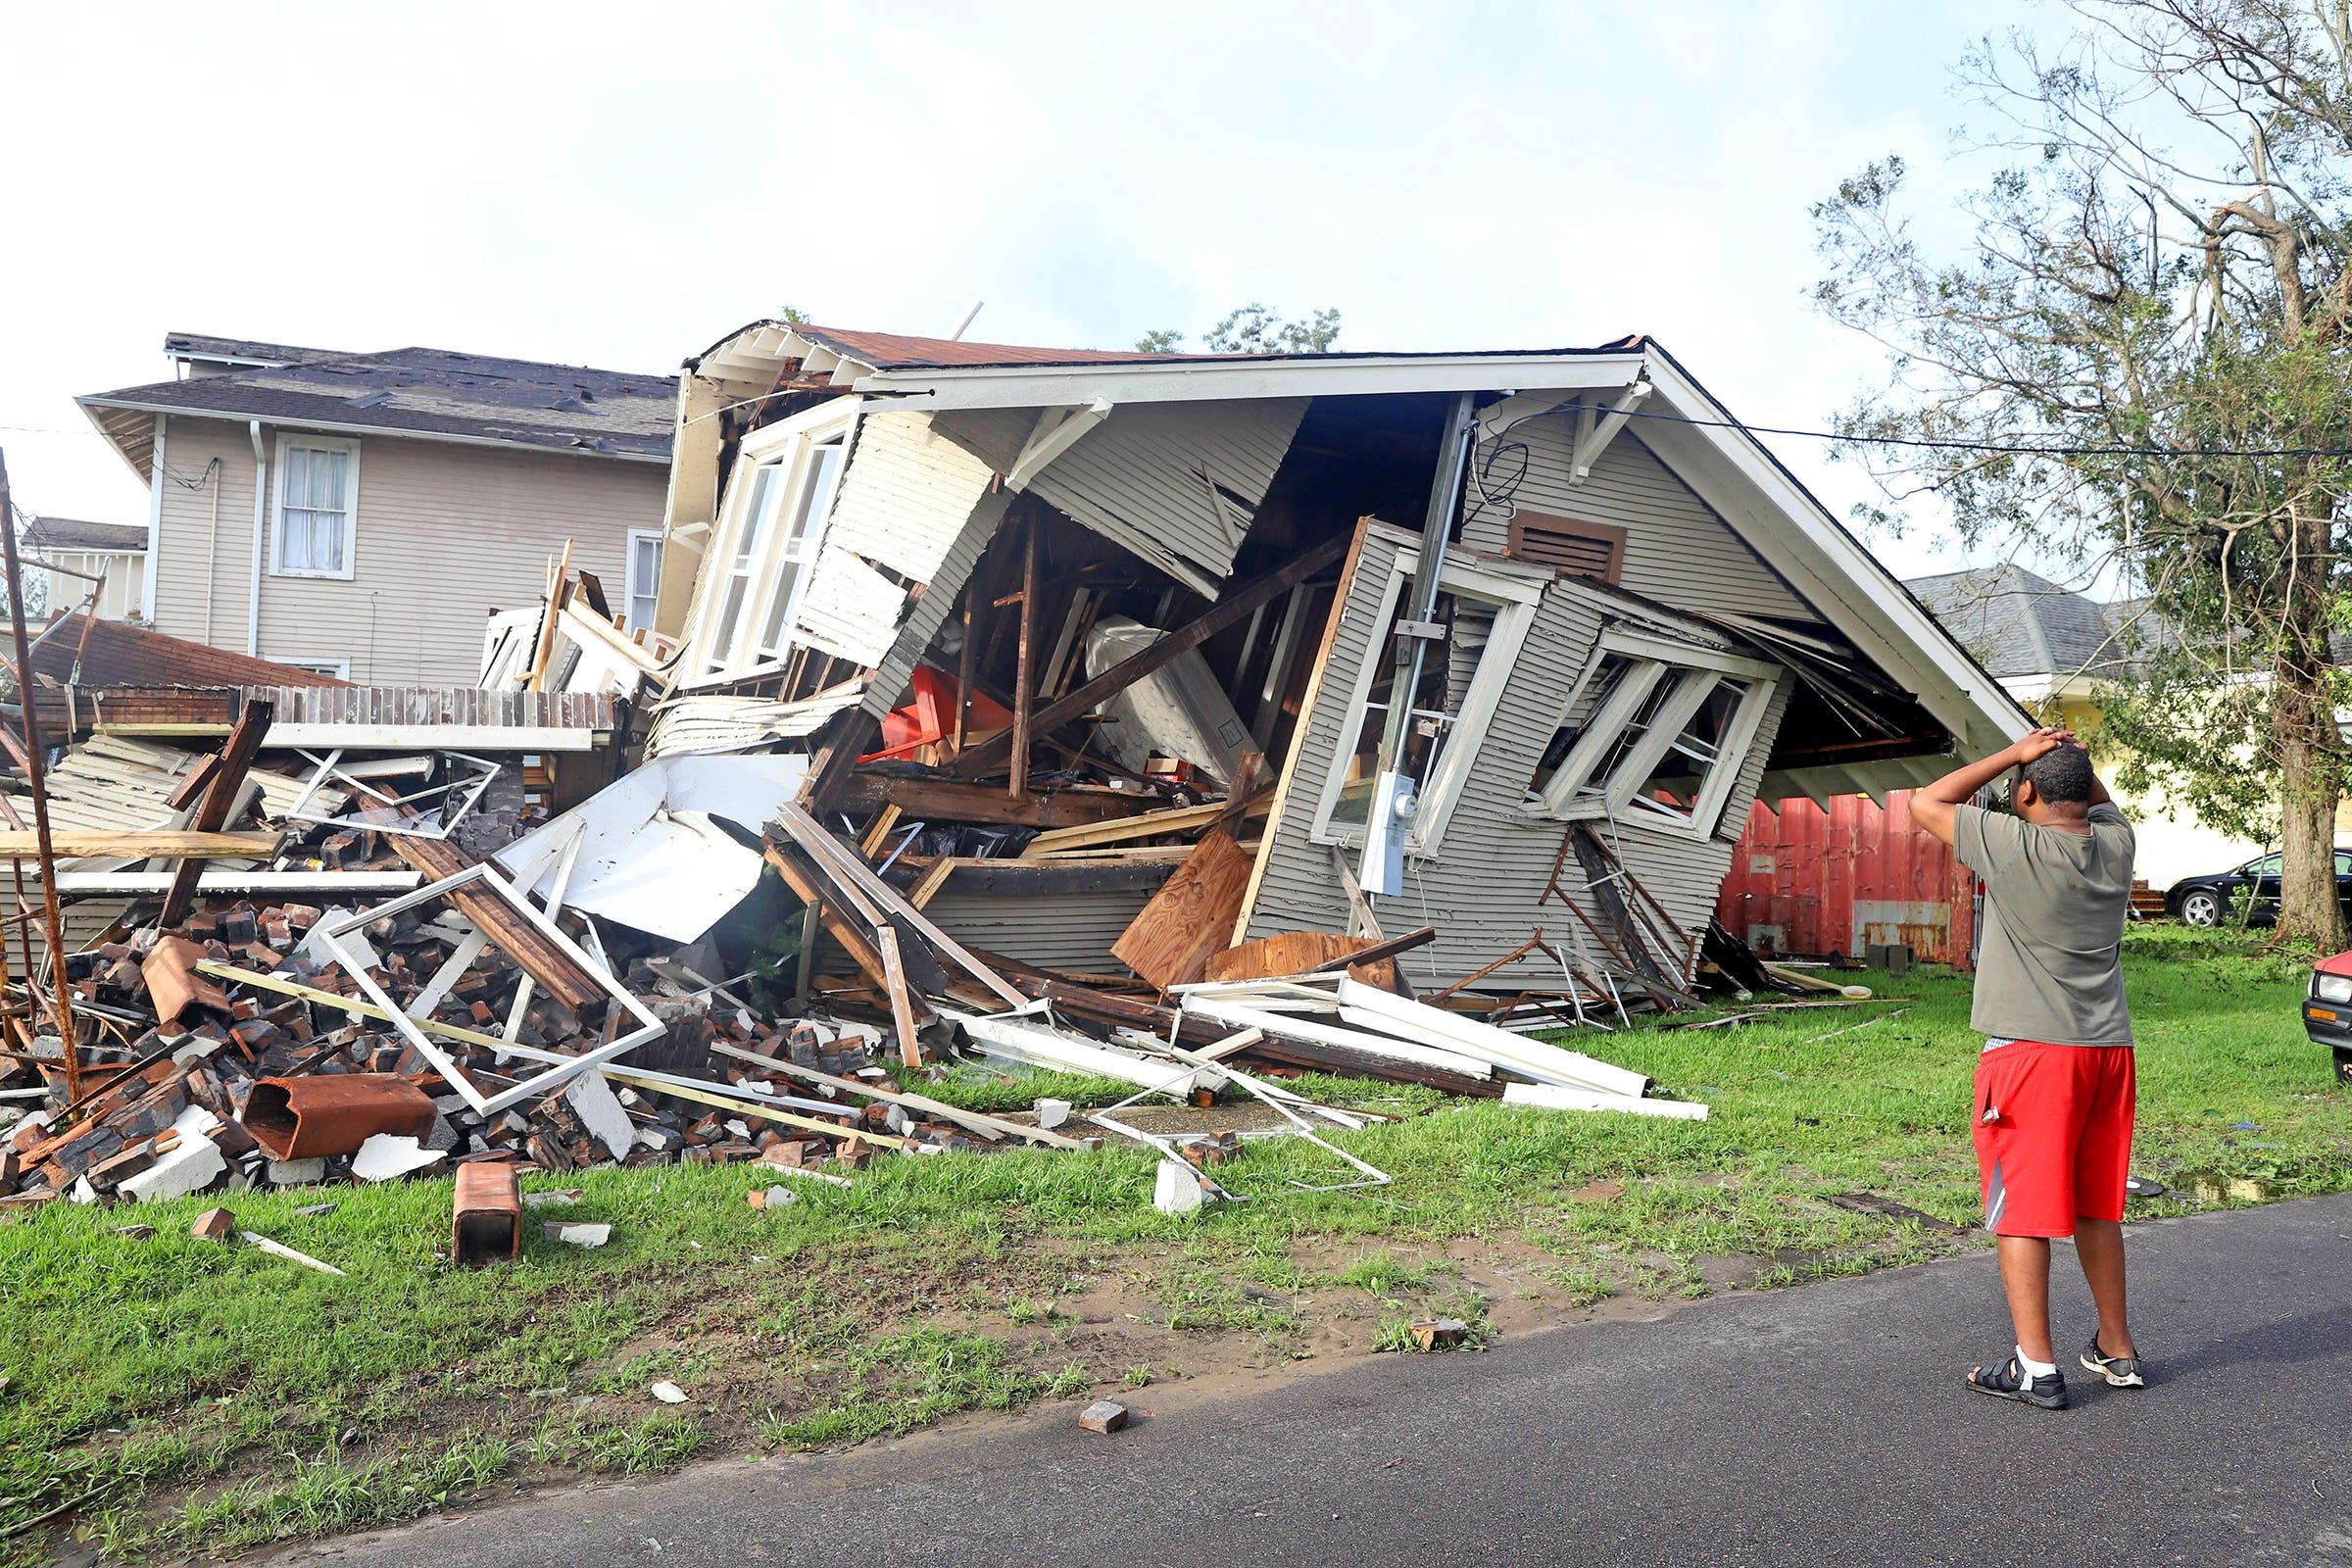 ΗΠΑ:  Καταστροφικές οι ζημιές από τον τυφώνα Αϊντα – Ένας νεκρός